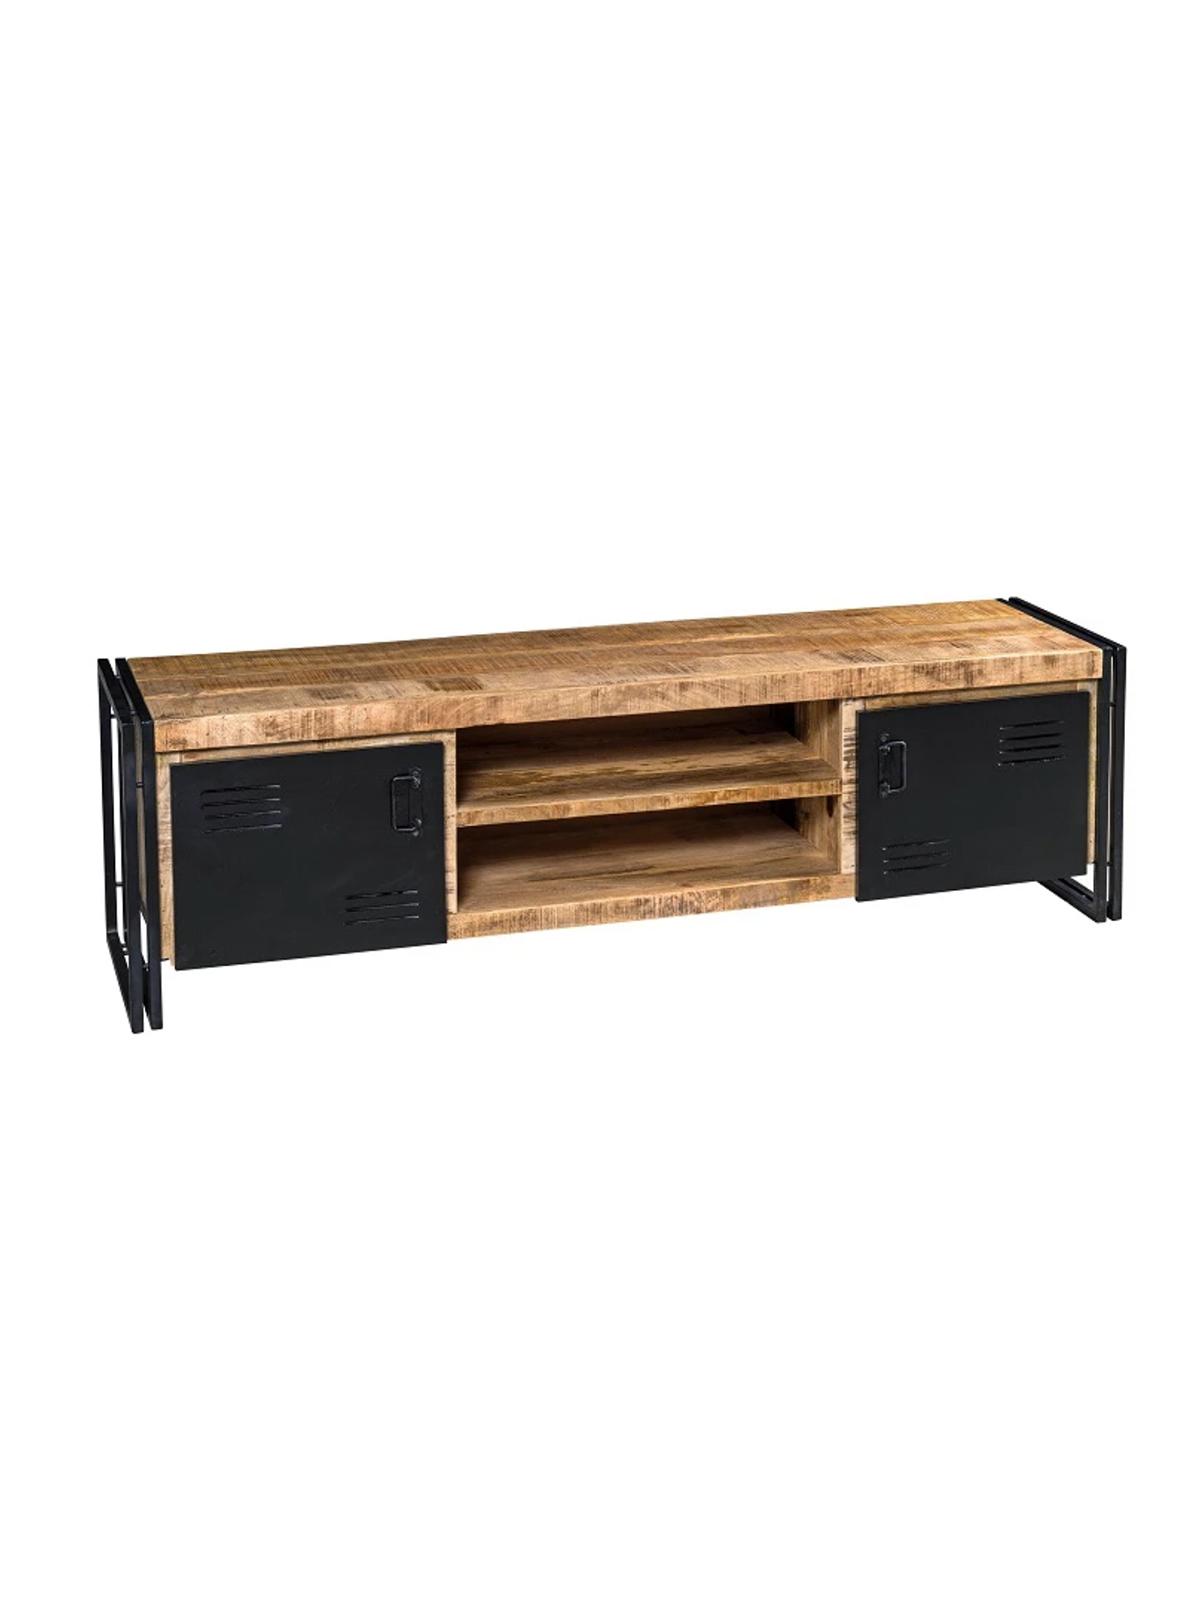 Mobili Porta Tv Stile Industriale.Mobile Porta Tv Stile Industriale In Legno Ante In Ferro Xlab Design